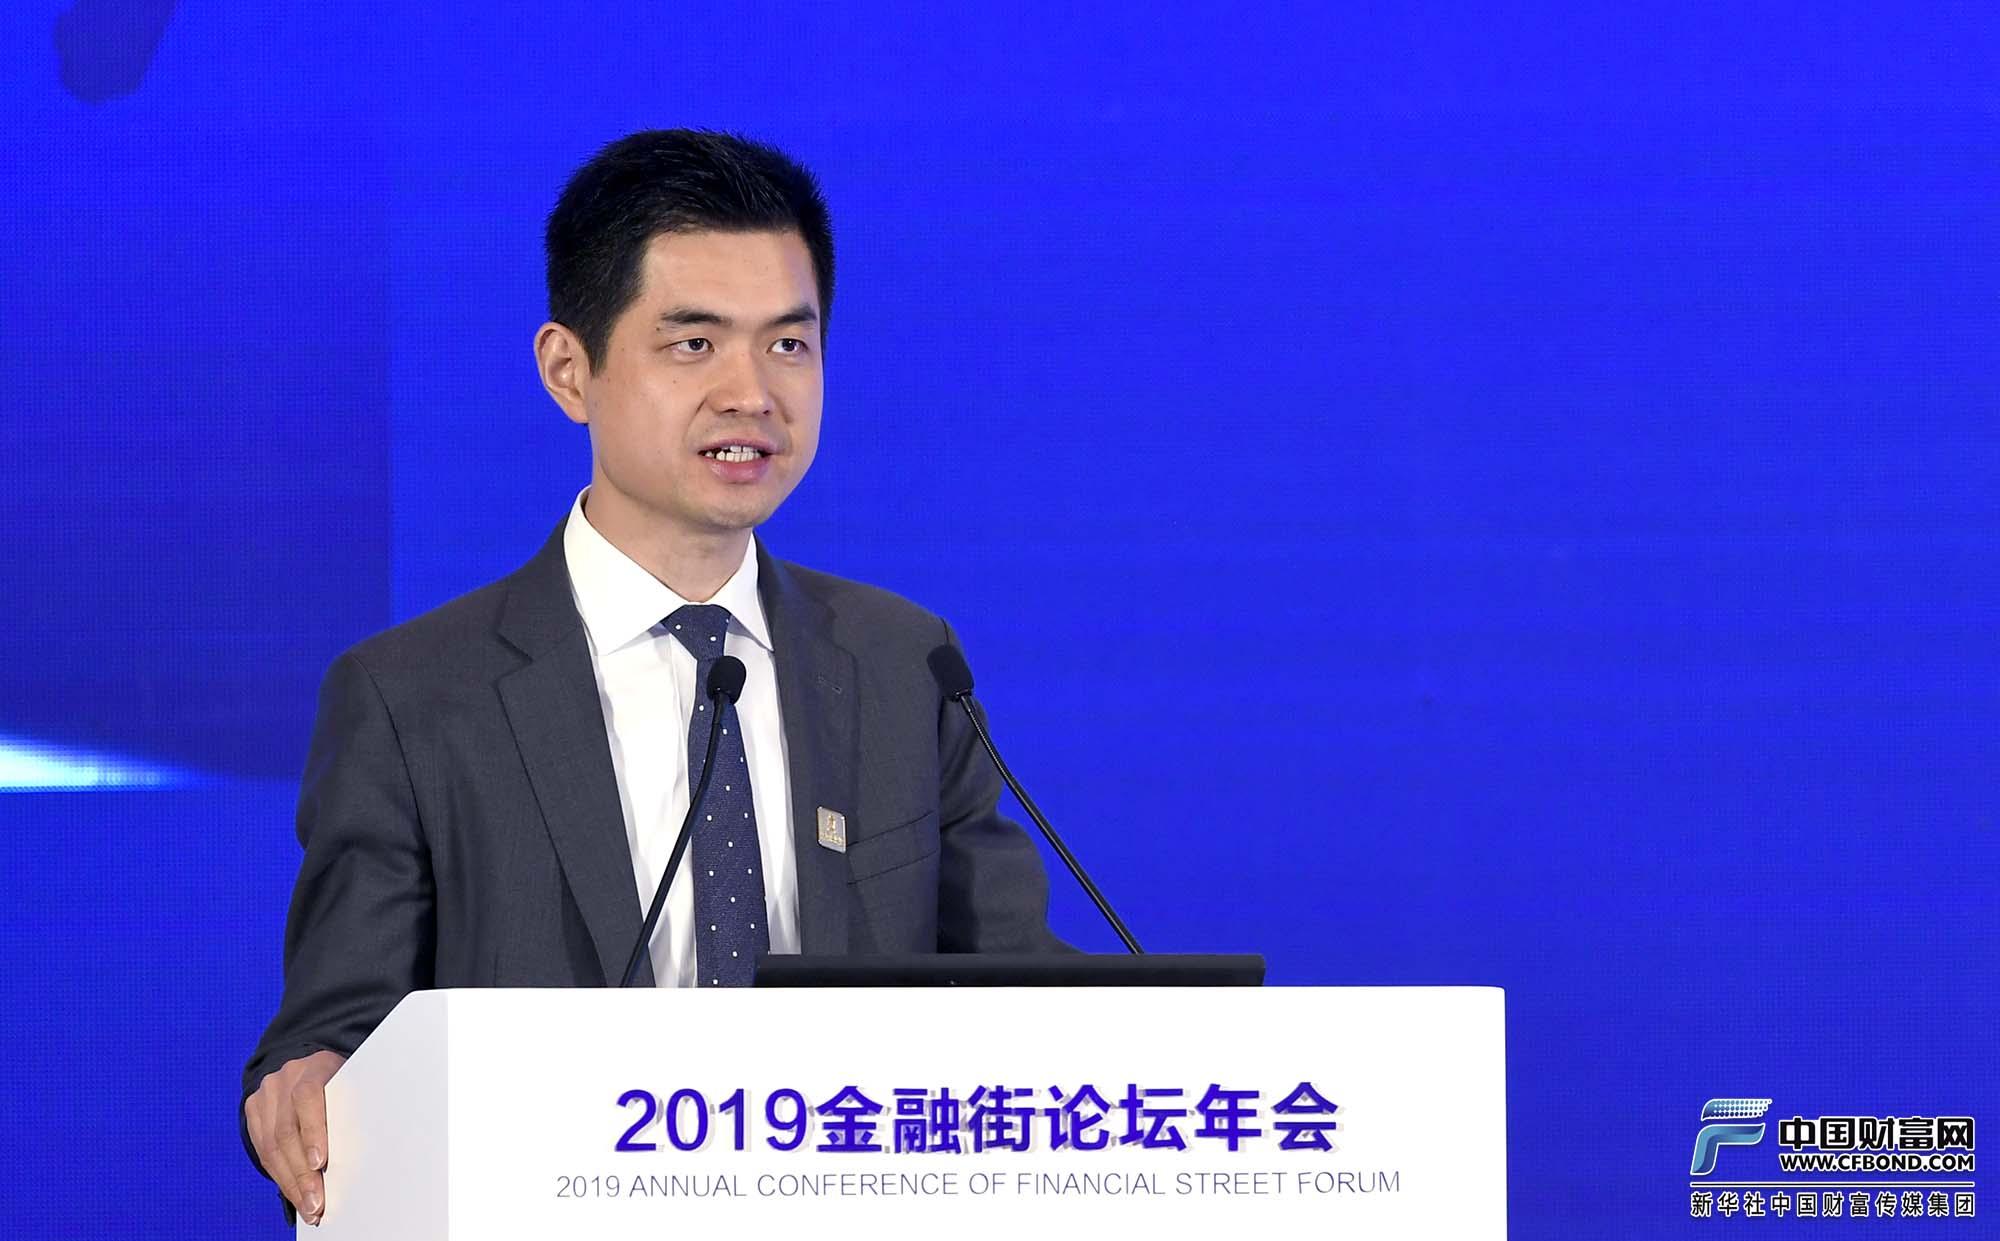 演讲嘉宾:摩根士丹利中国首席经济学家邢自强